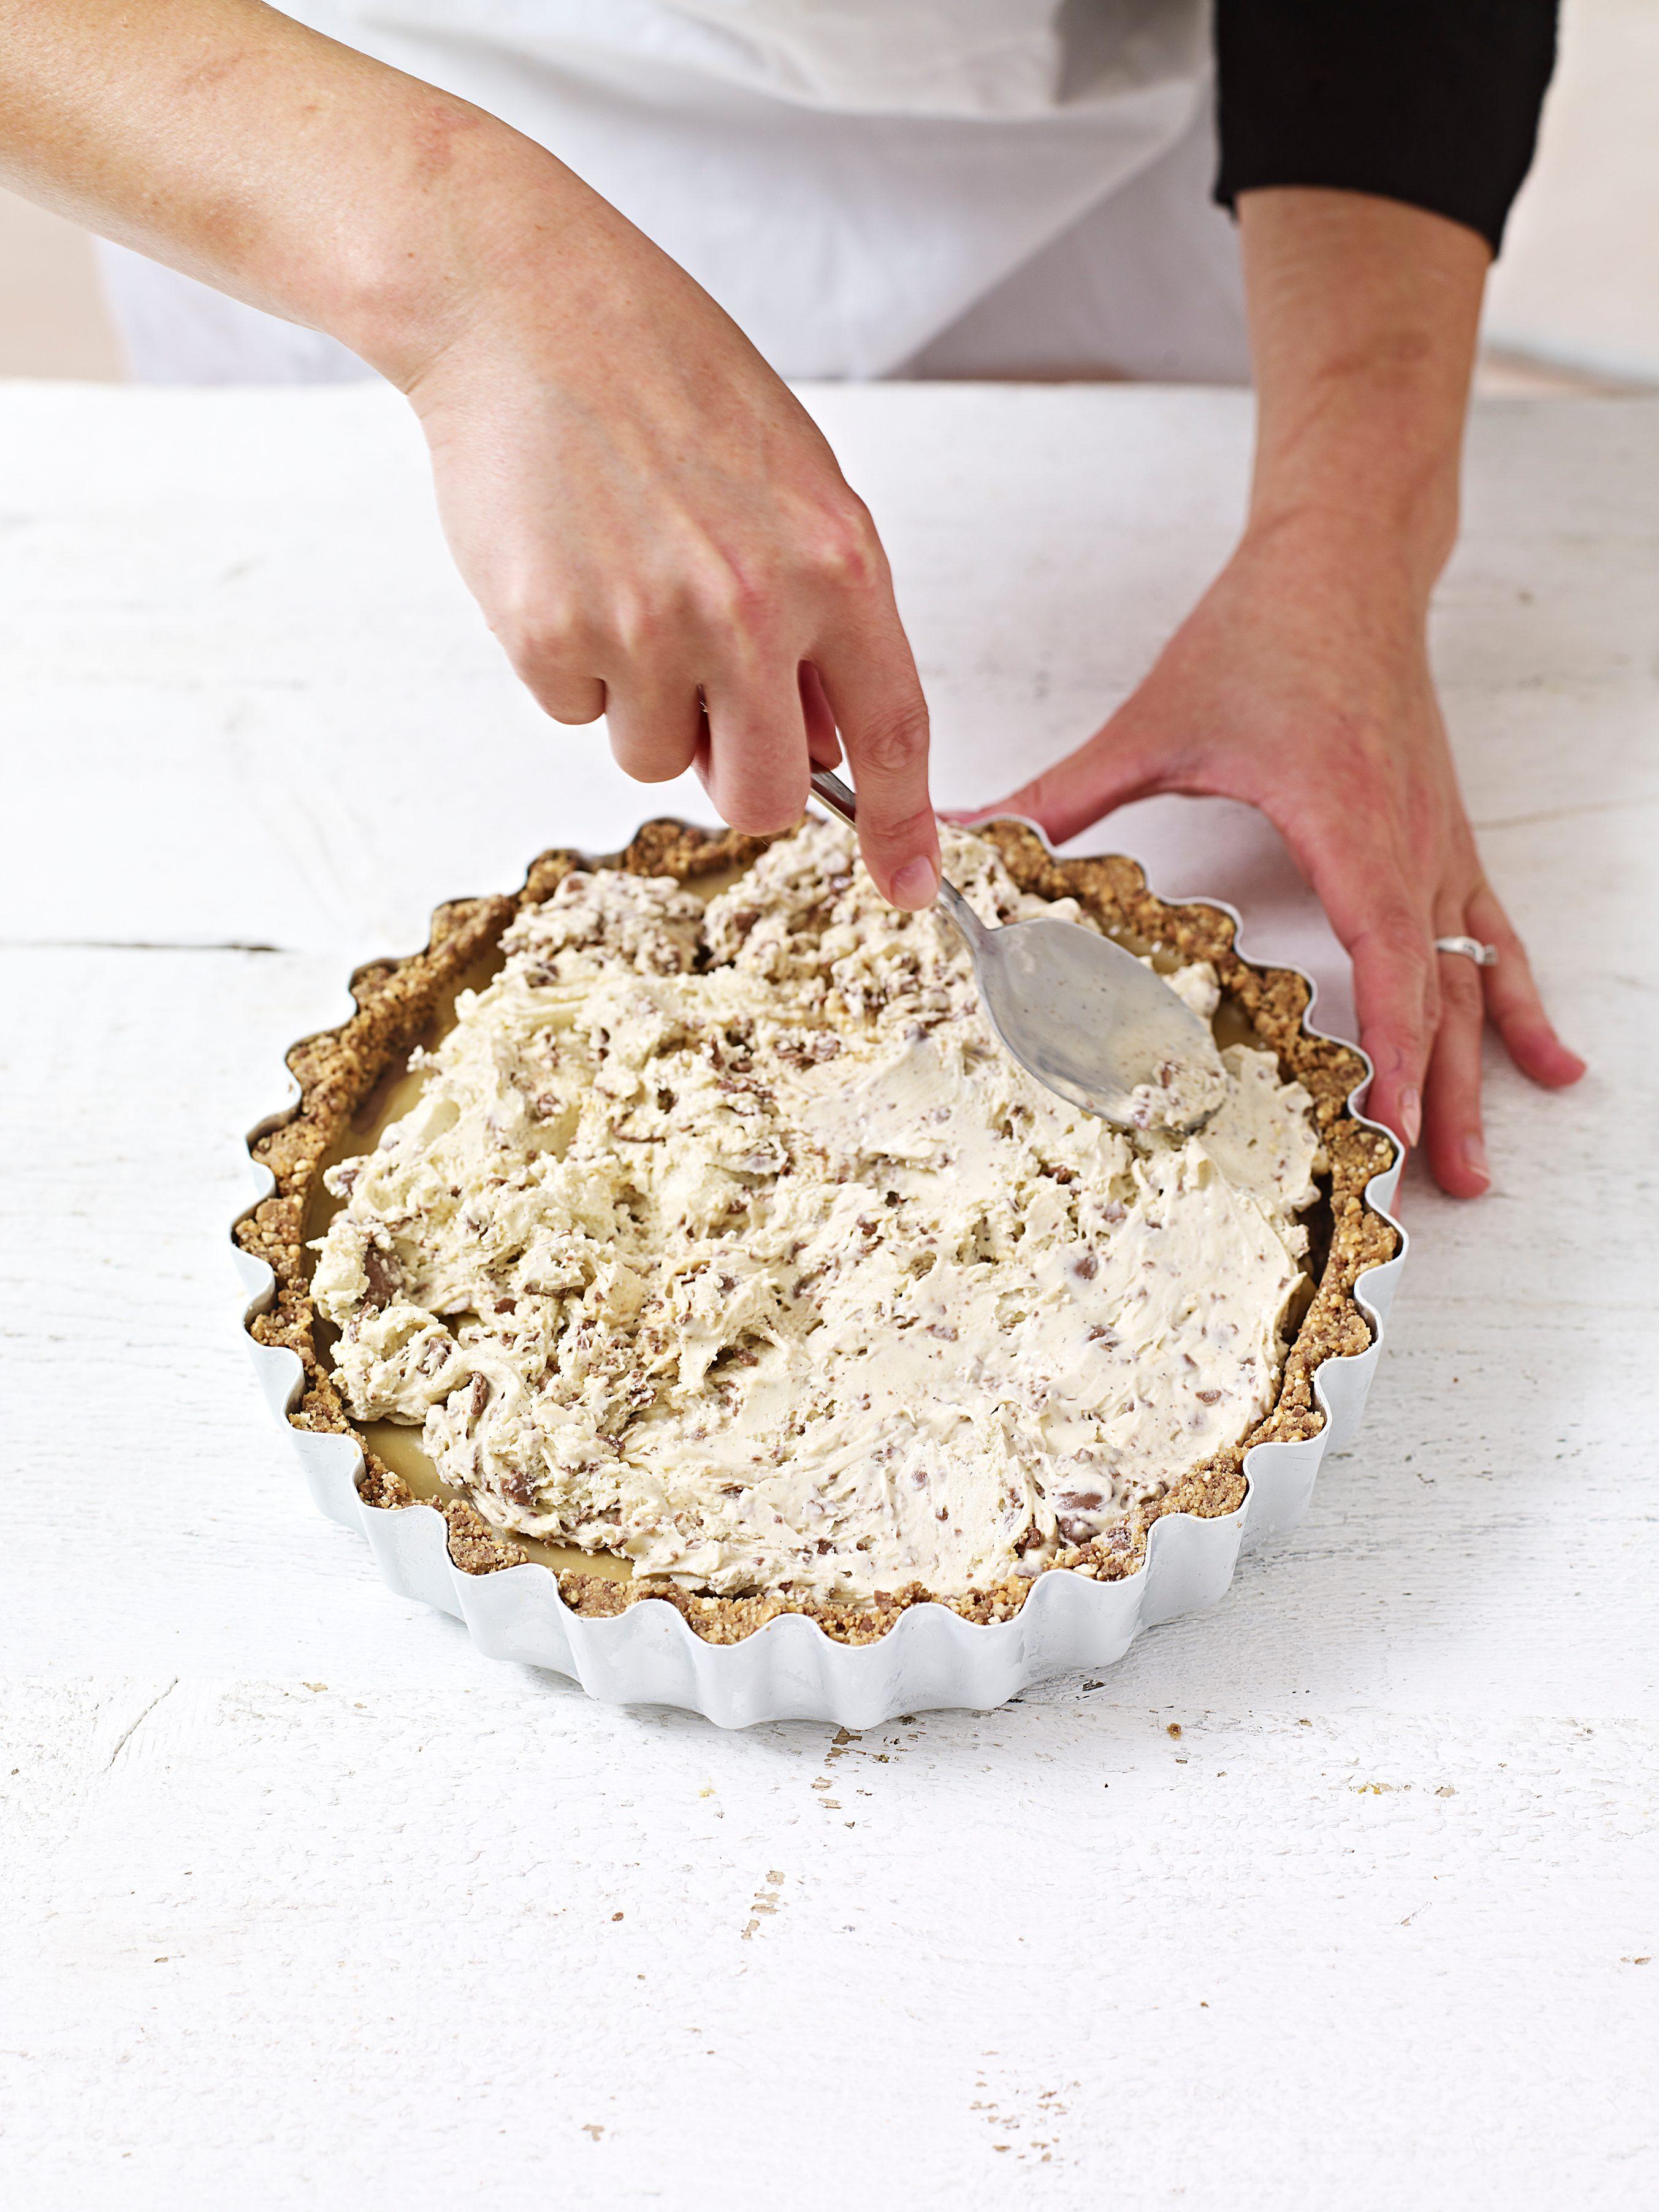 Adăugarea amestecului peste caramelul înghețat